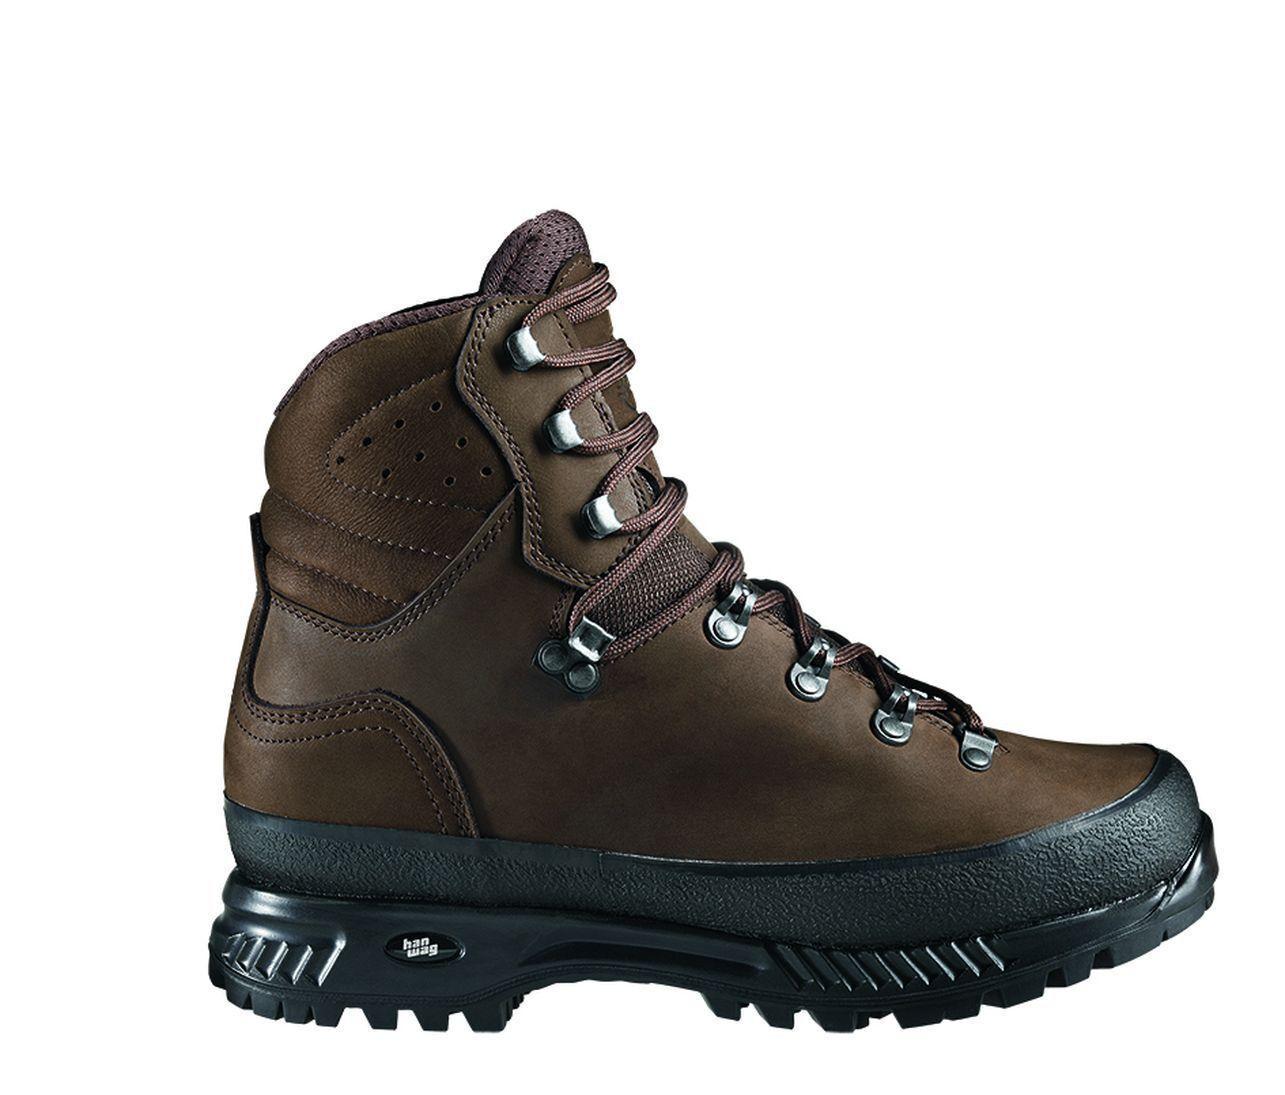 Hanwag Zapatos de Montaña Nazcat Cuero Hombre Tamaño 7,5-41,5 Tierra